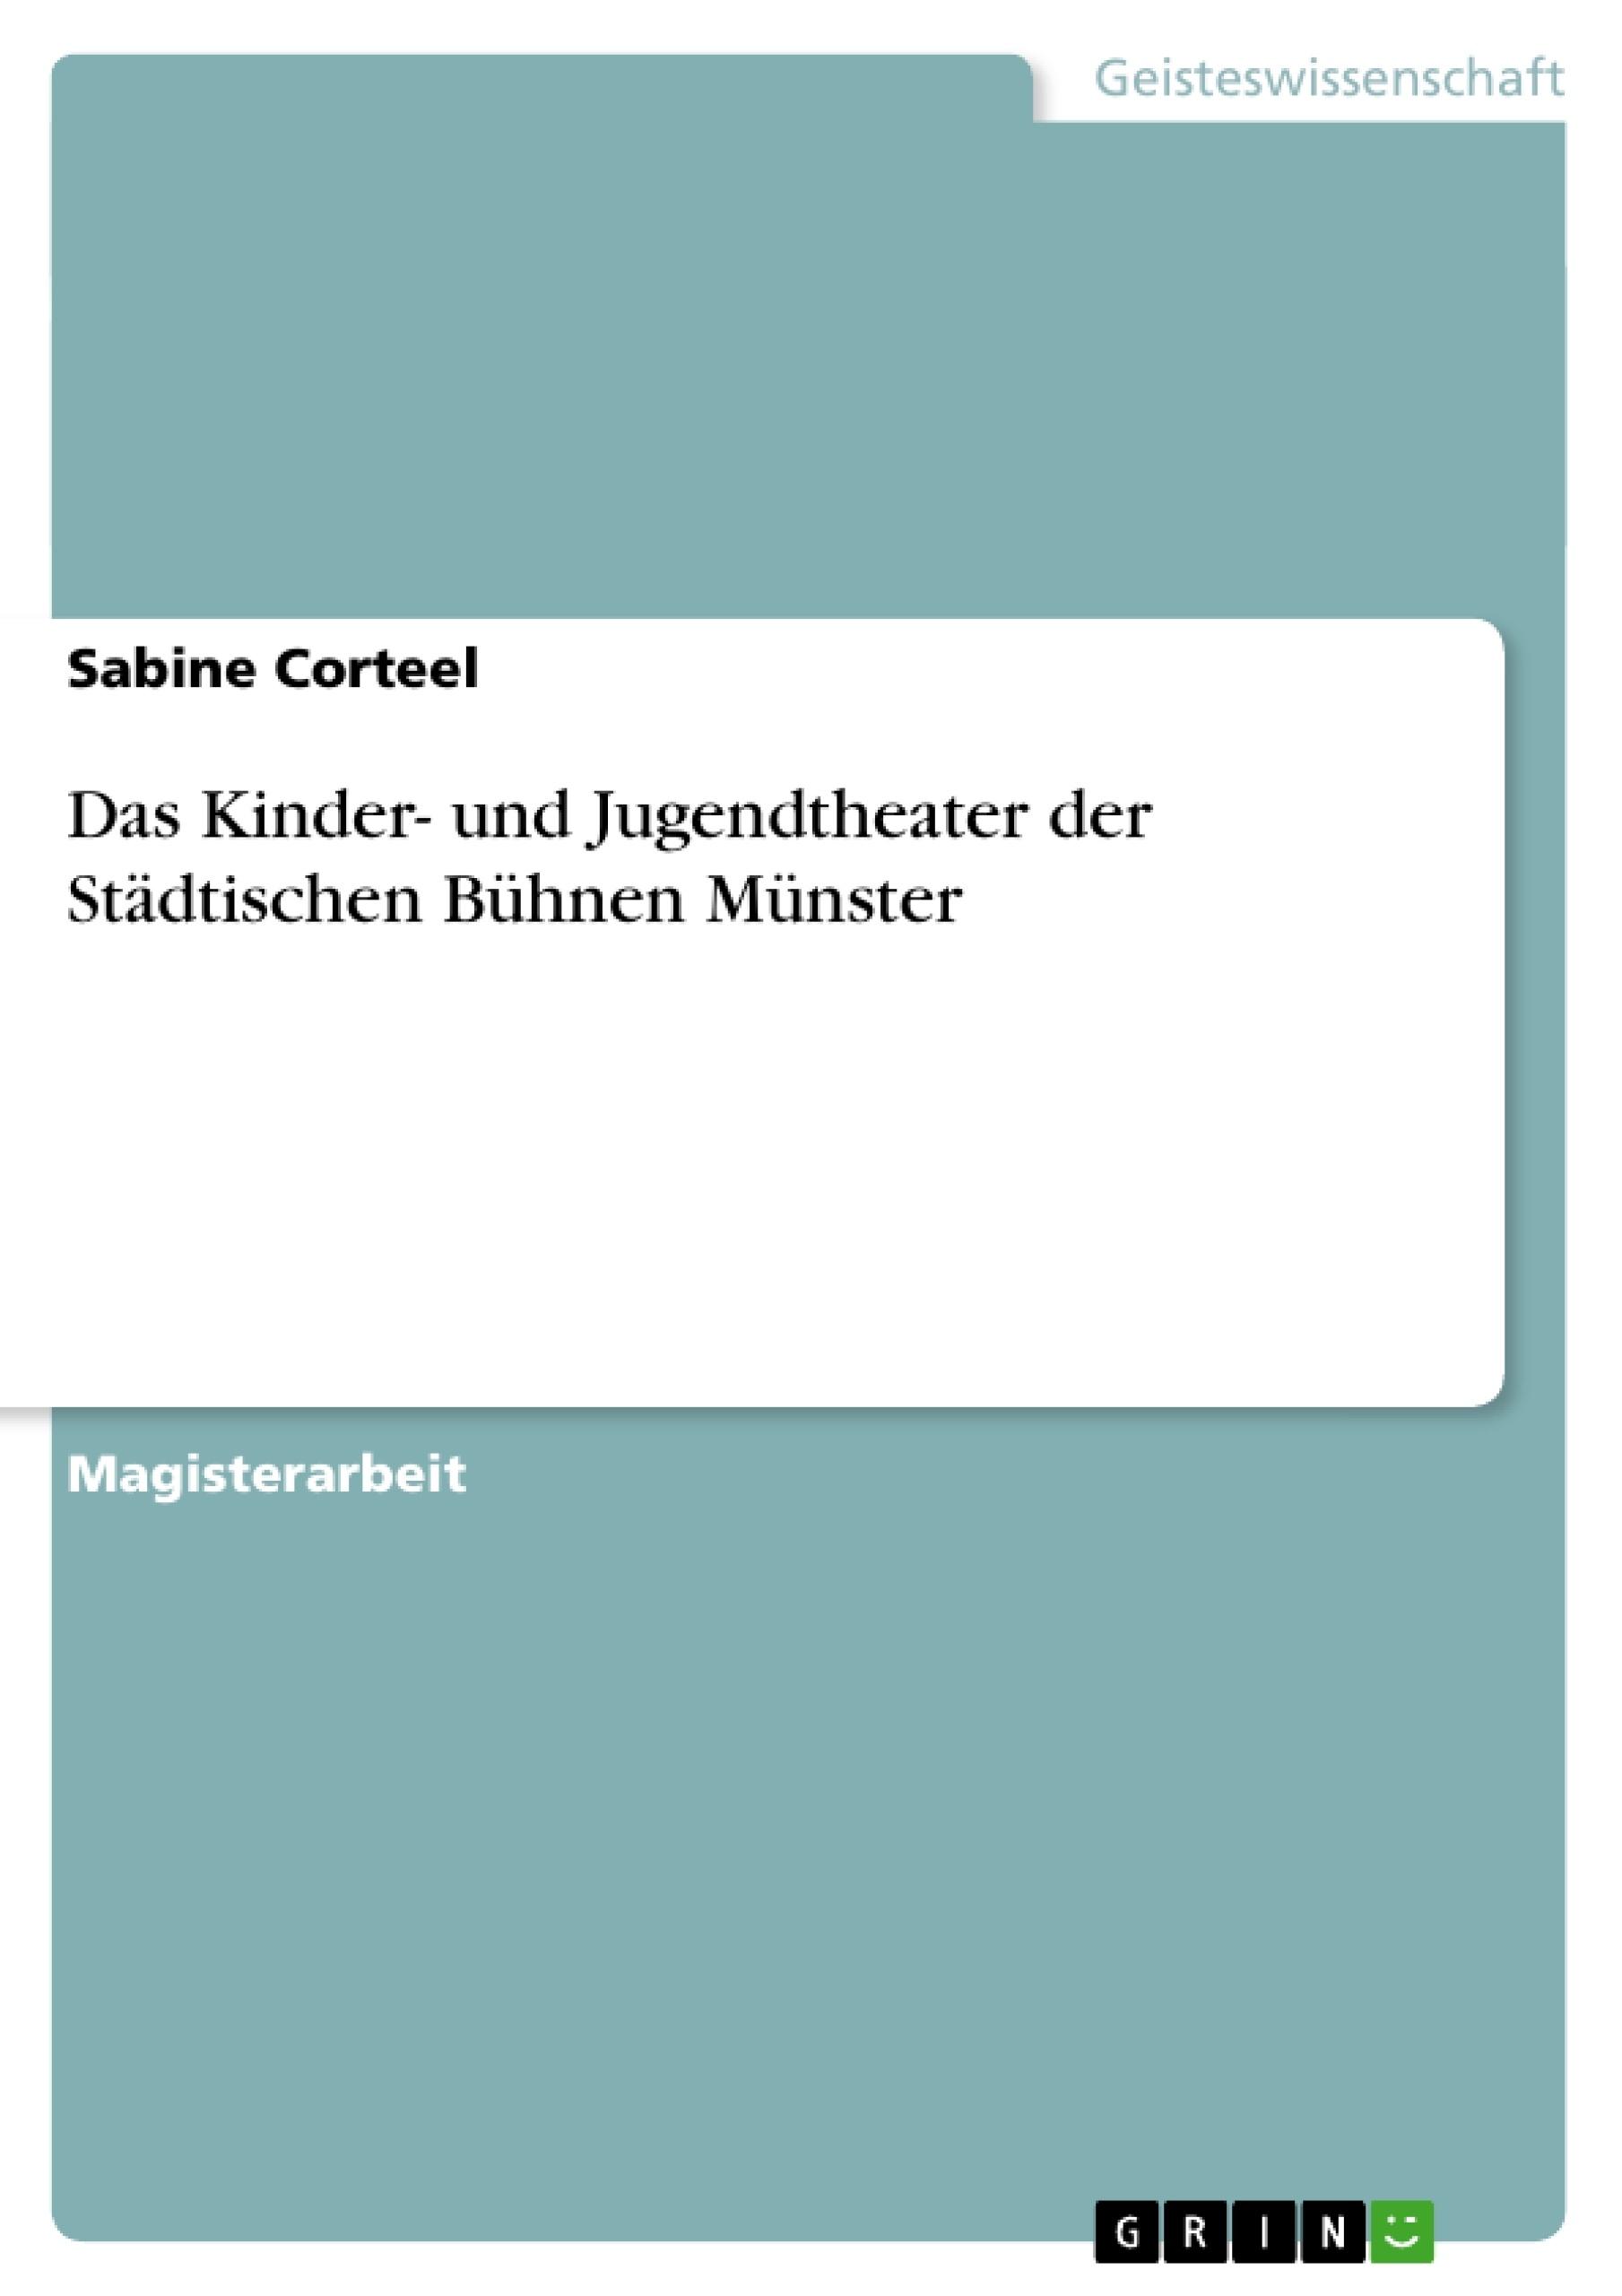 Titel: Das Kinder- und Jugendtheater der Städtischen Bühnen Münster